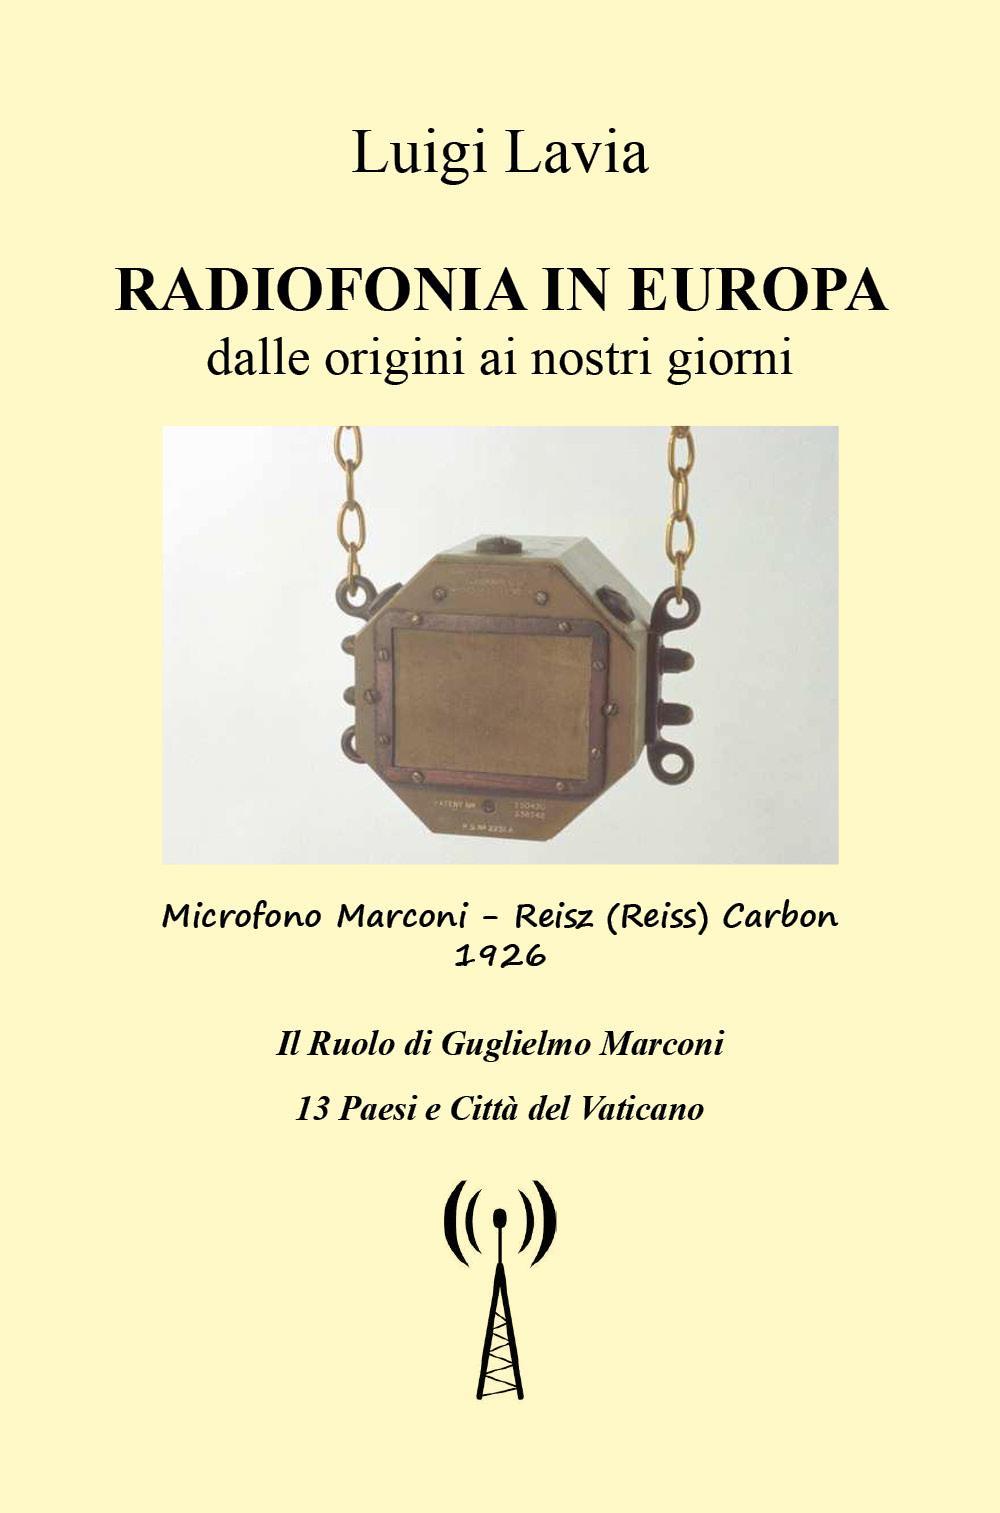 Radiofonia in Europa dalle origini ai nostri giorni